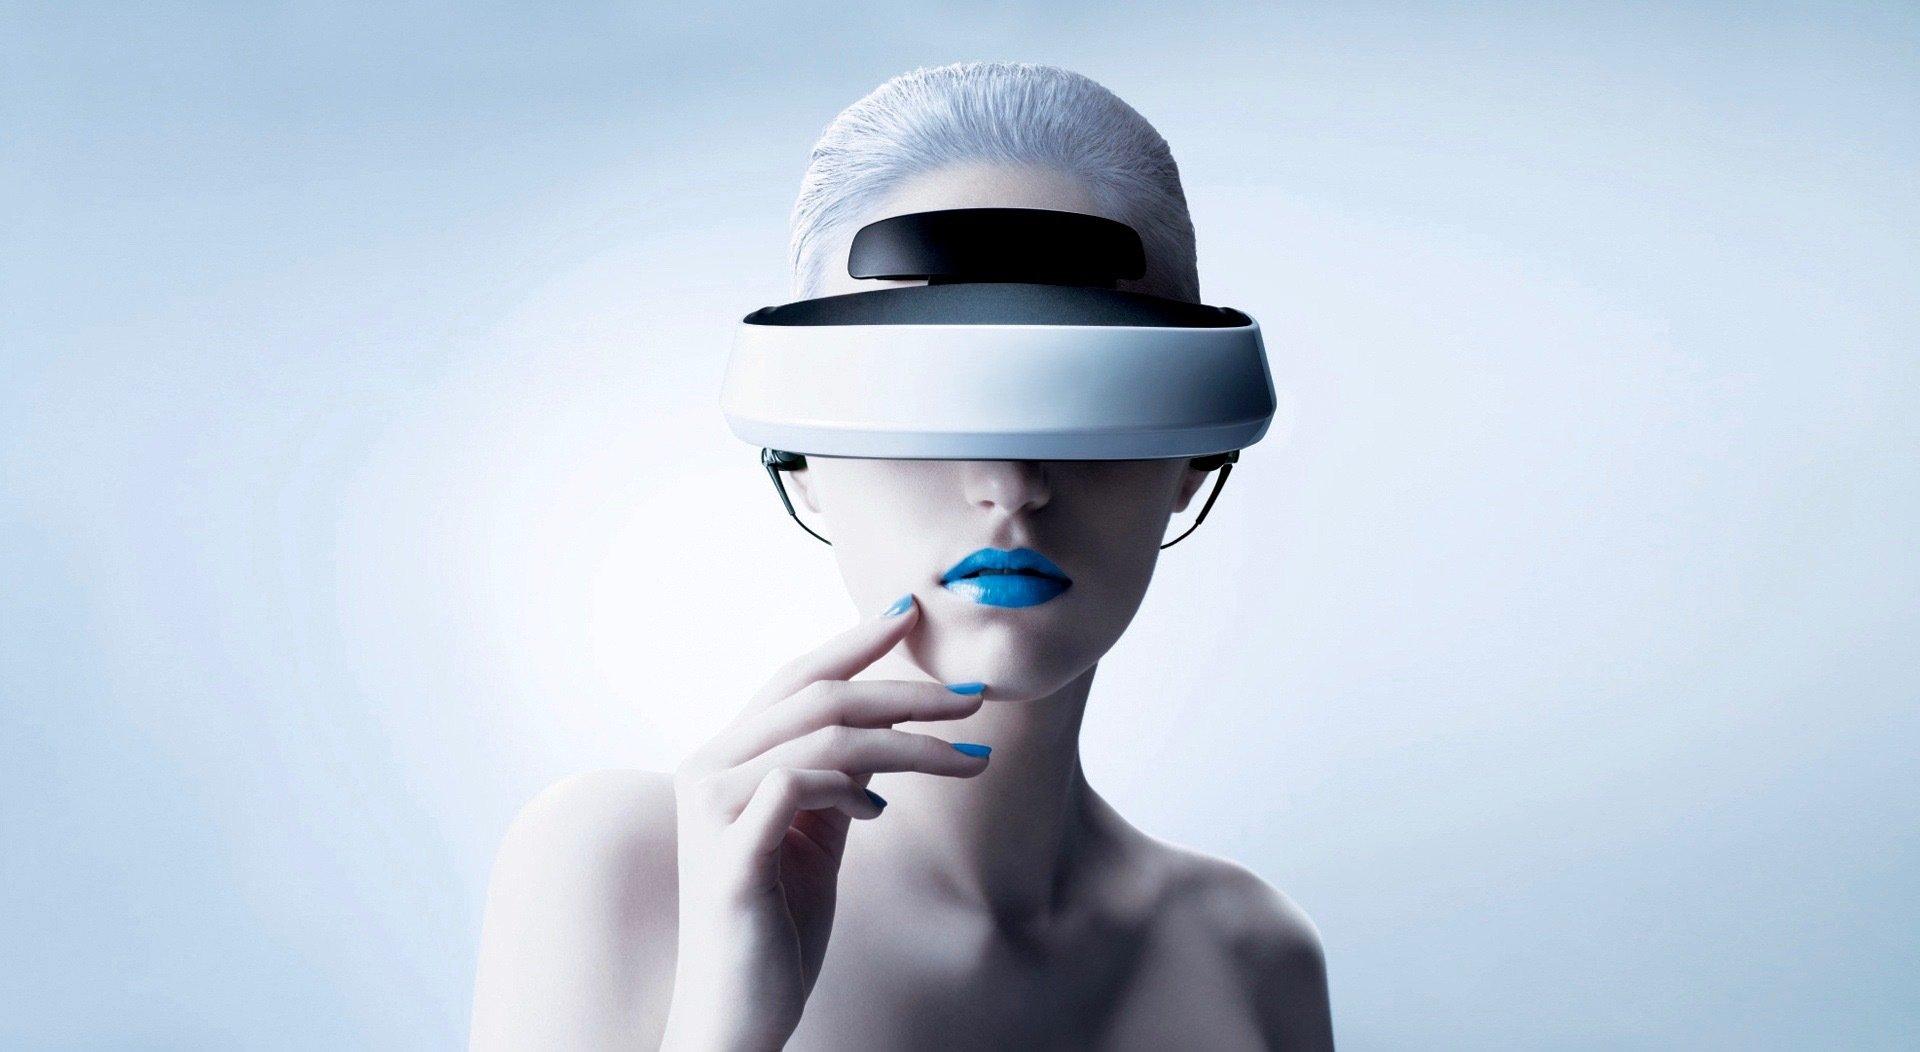 Qu'est-ce qu'un casque de réalité virtuelle?